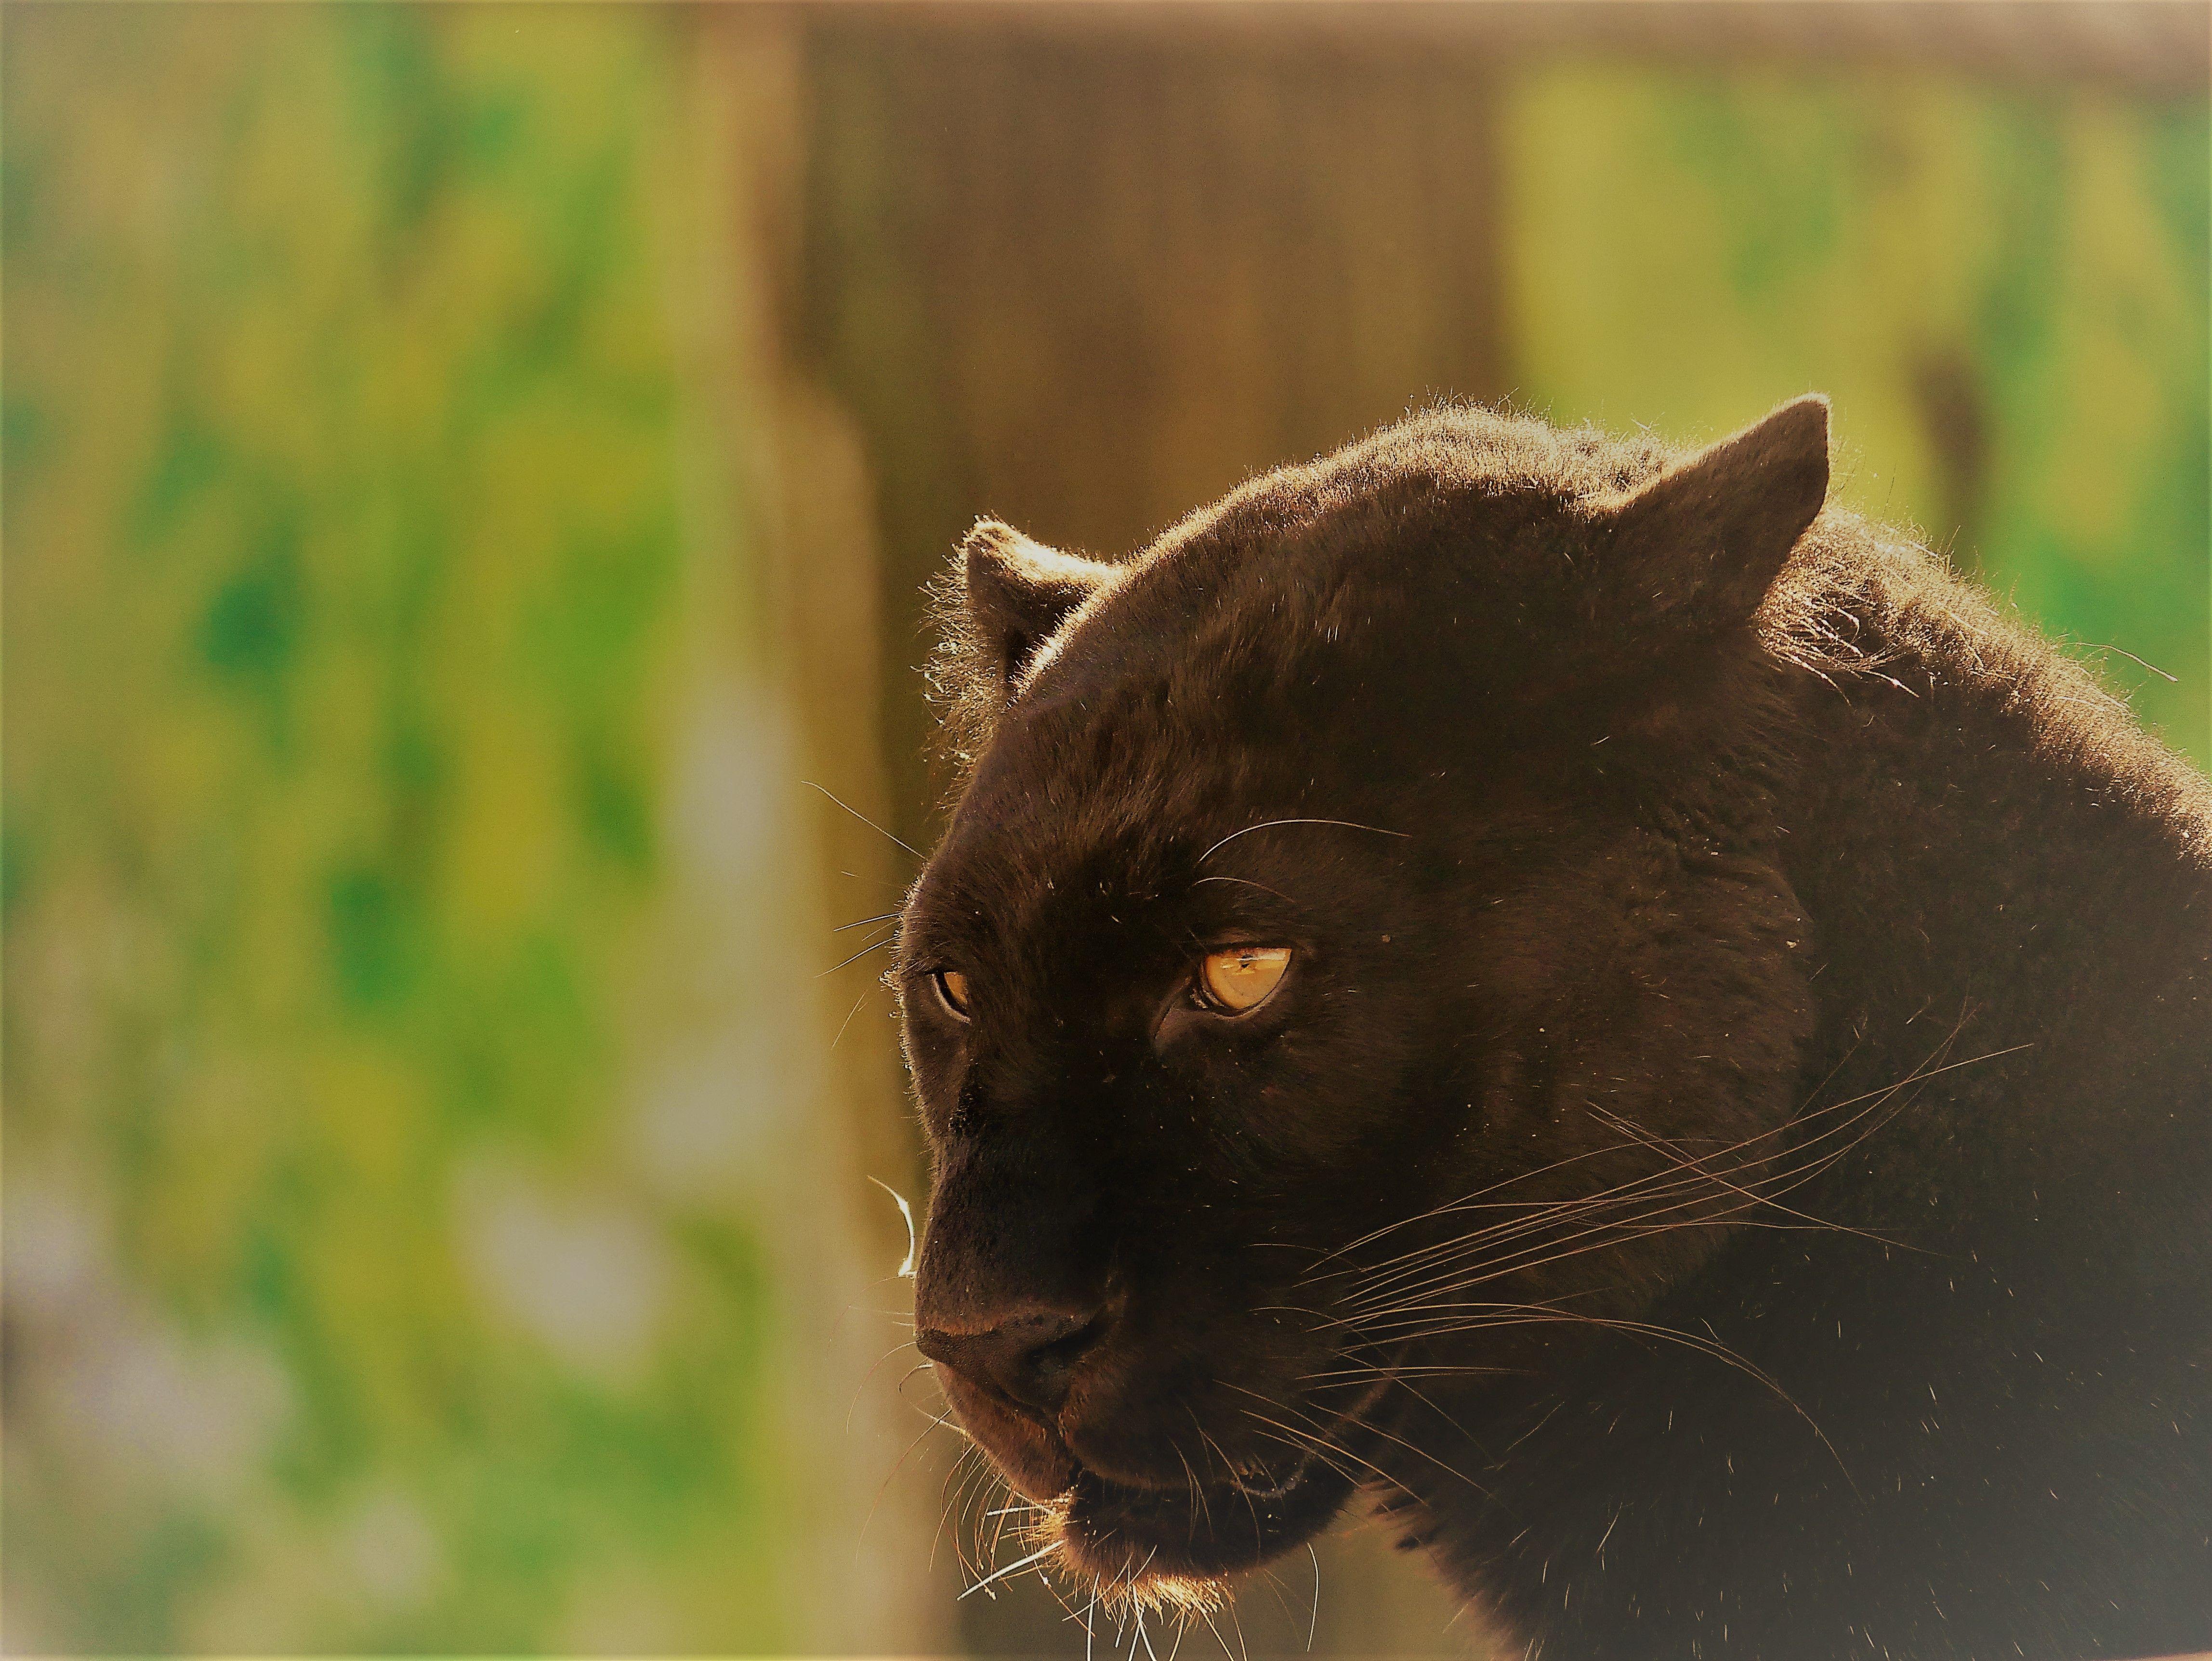 melanistic leopard black panther at lincolnshire wildlife park black panther cat wildlife. Black Bedroom Furniture Sets. Home Design Ideas